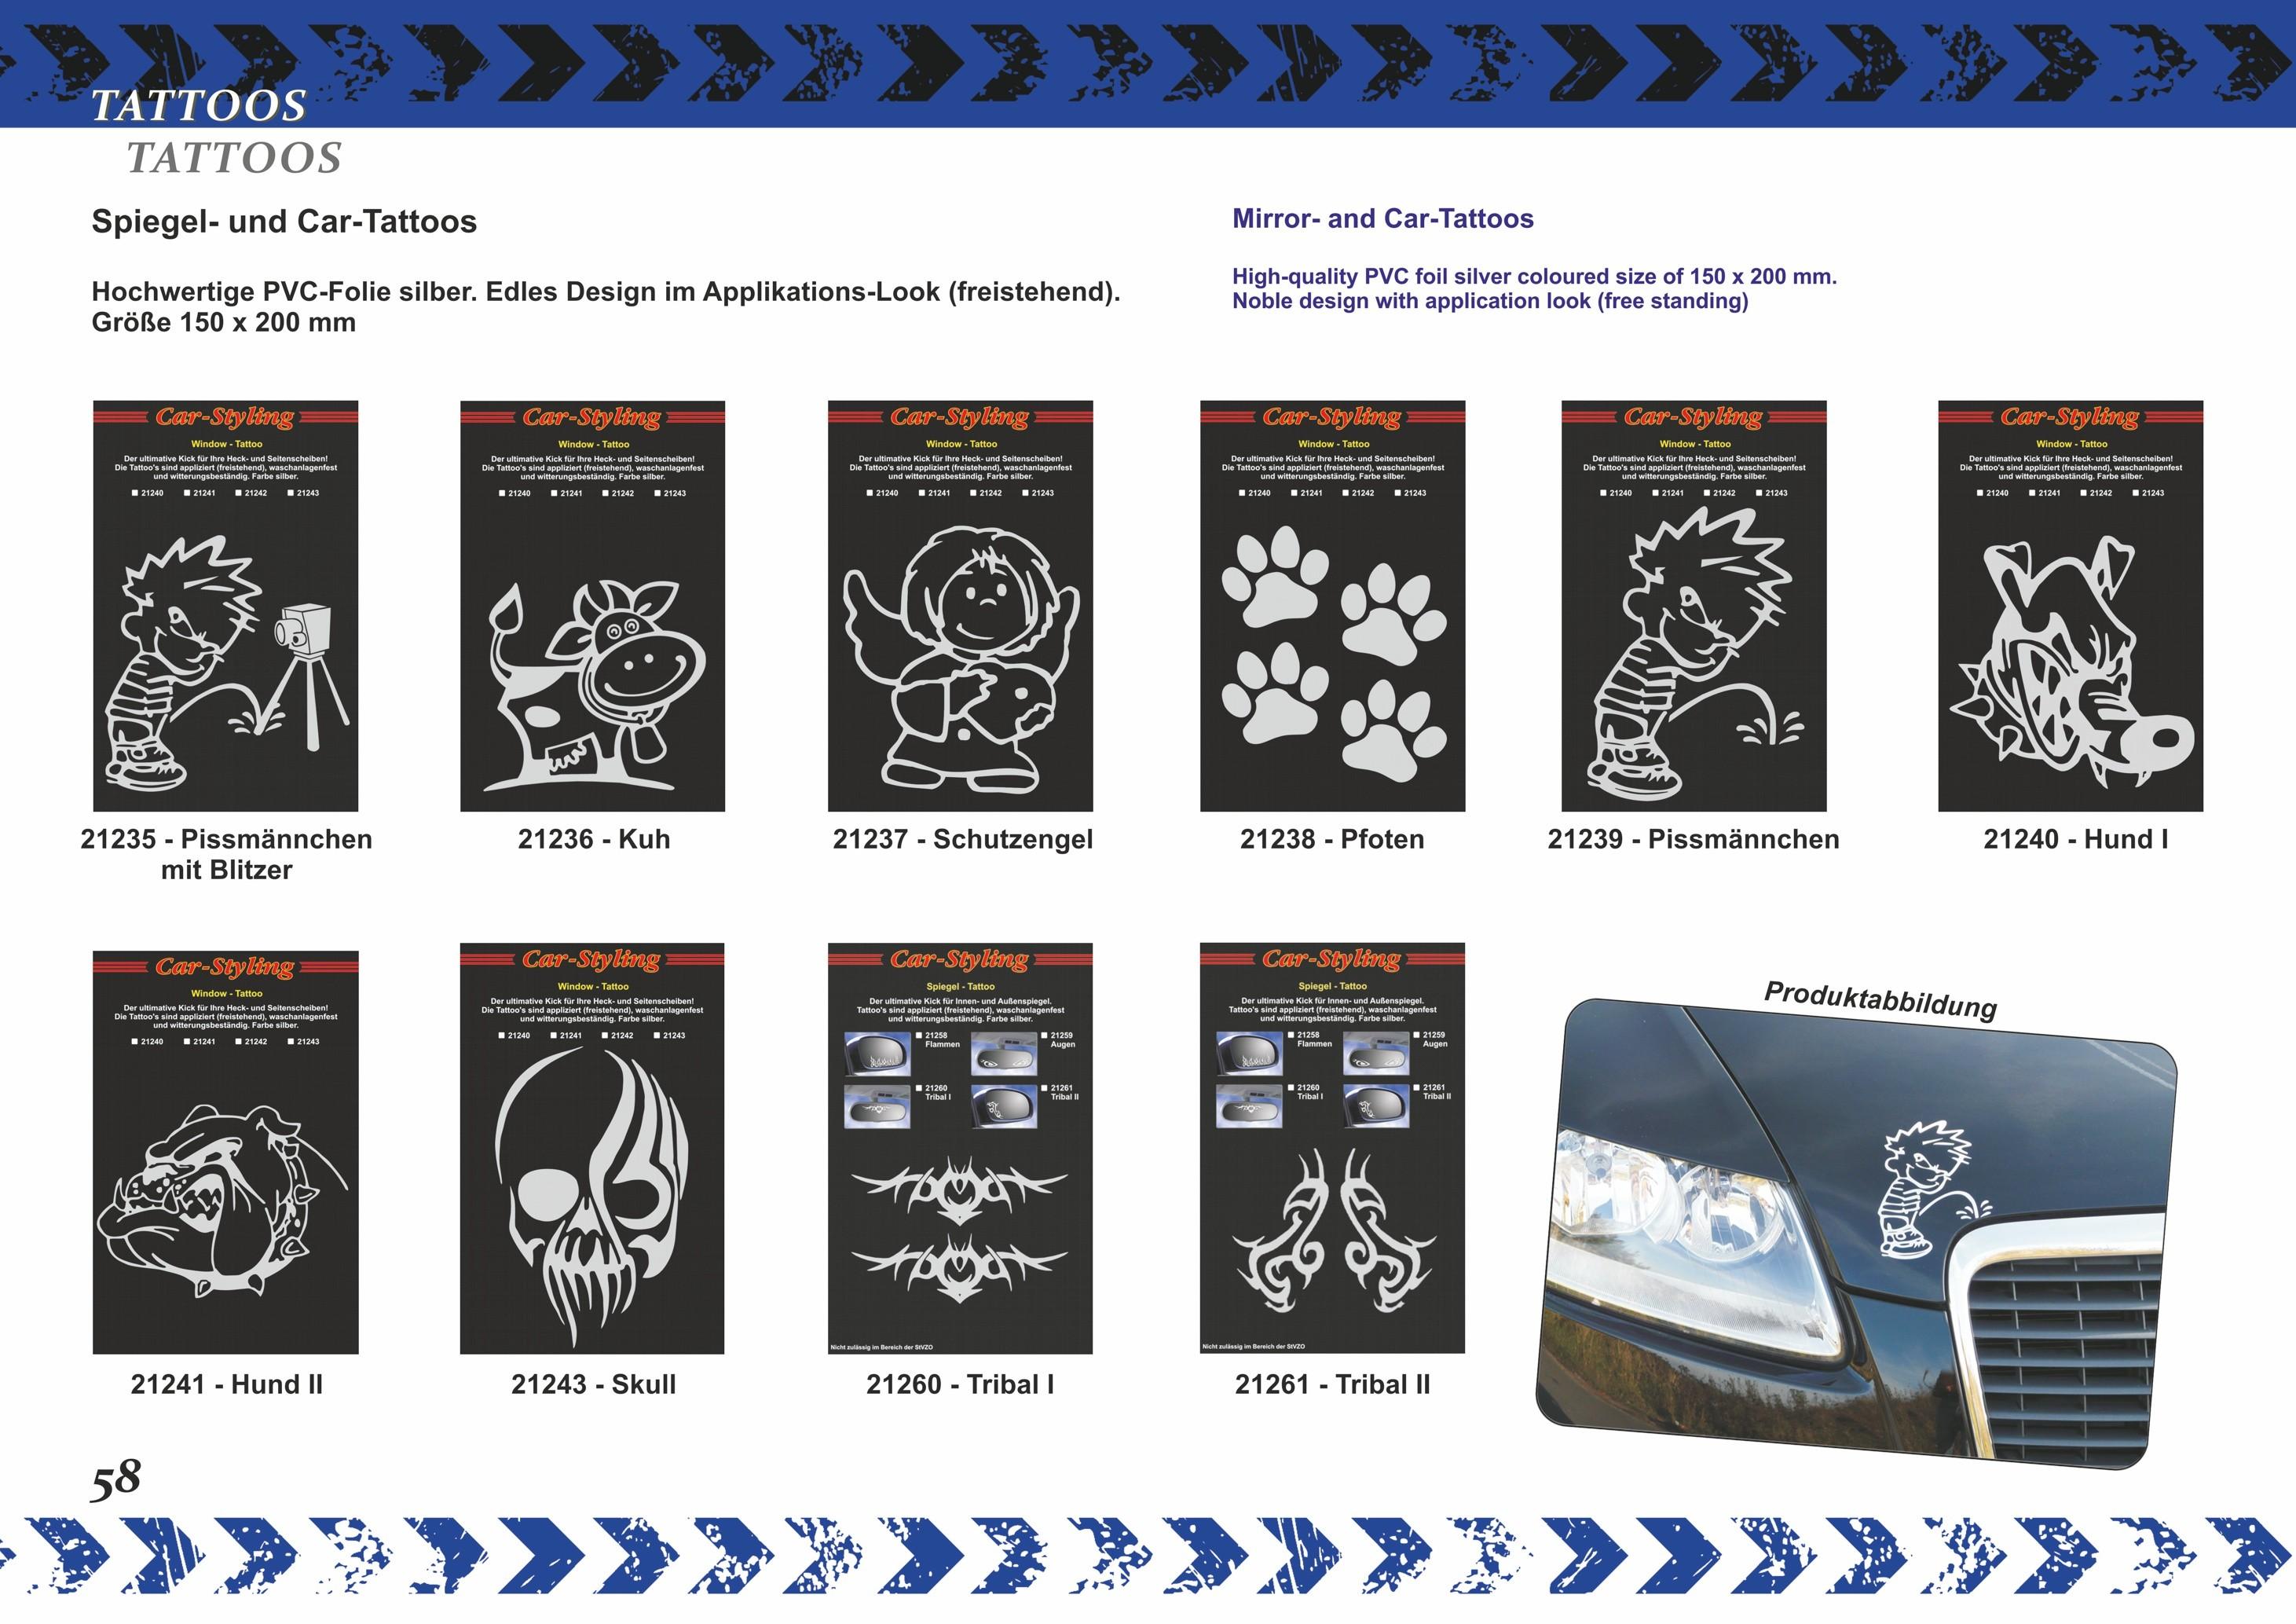 Aufkleber Spiegel- und Car-Tattoo Pissmännchen mit Blitzer – Bild 6